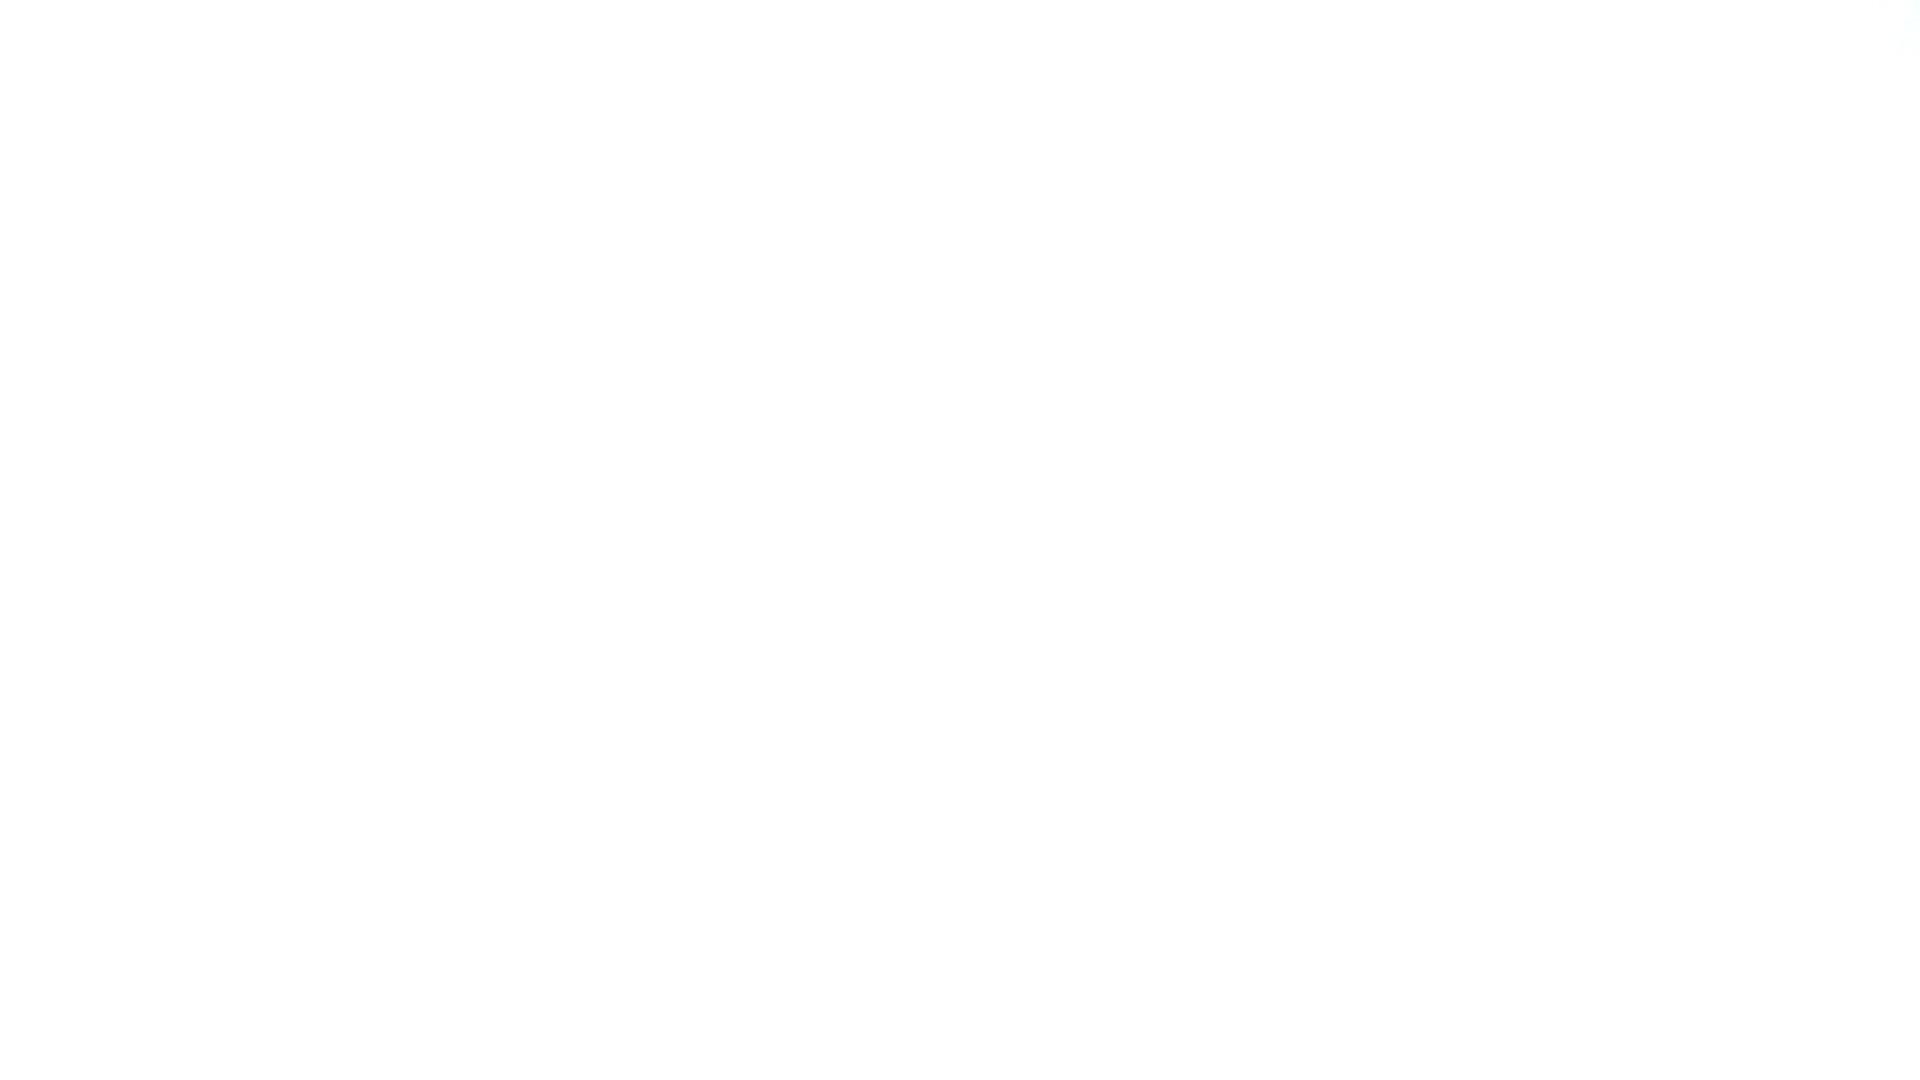 ※100個限定販売 至高下半身盗撮 プレミアム Vol.3 ハイビジョン ギャル攻め SEX無修正画像 76画像 42